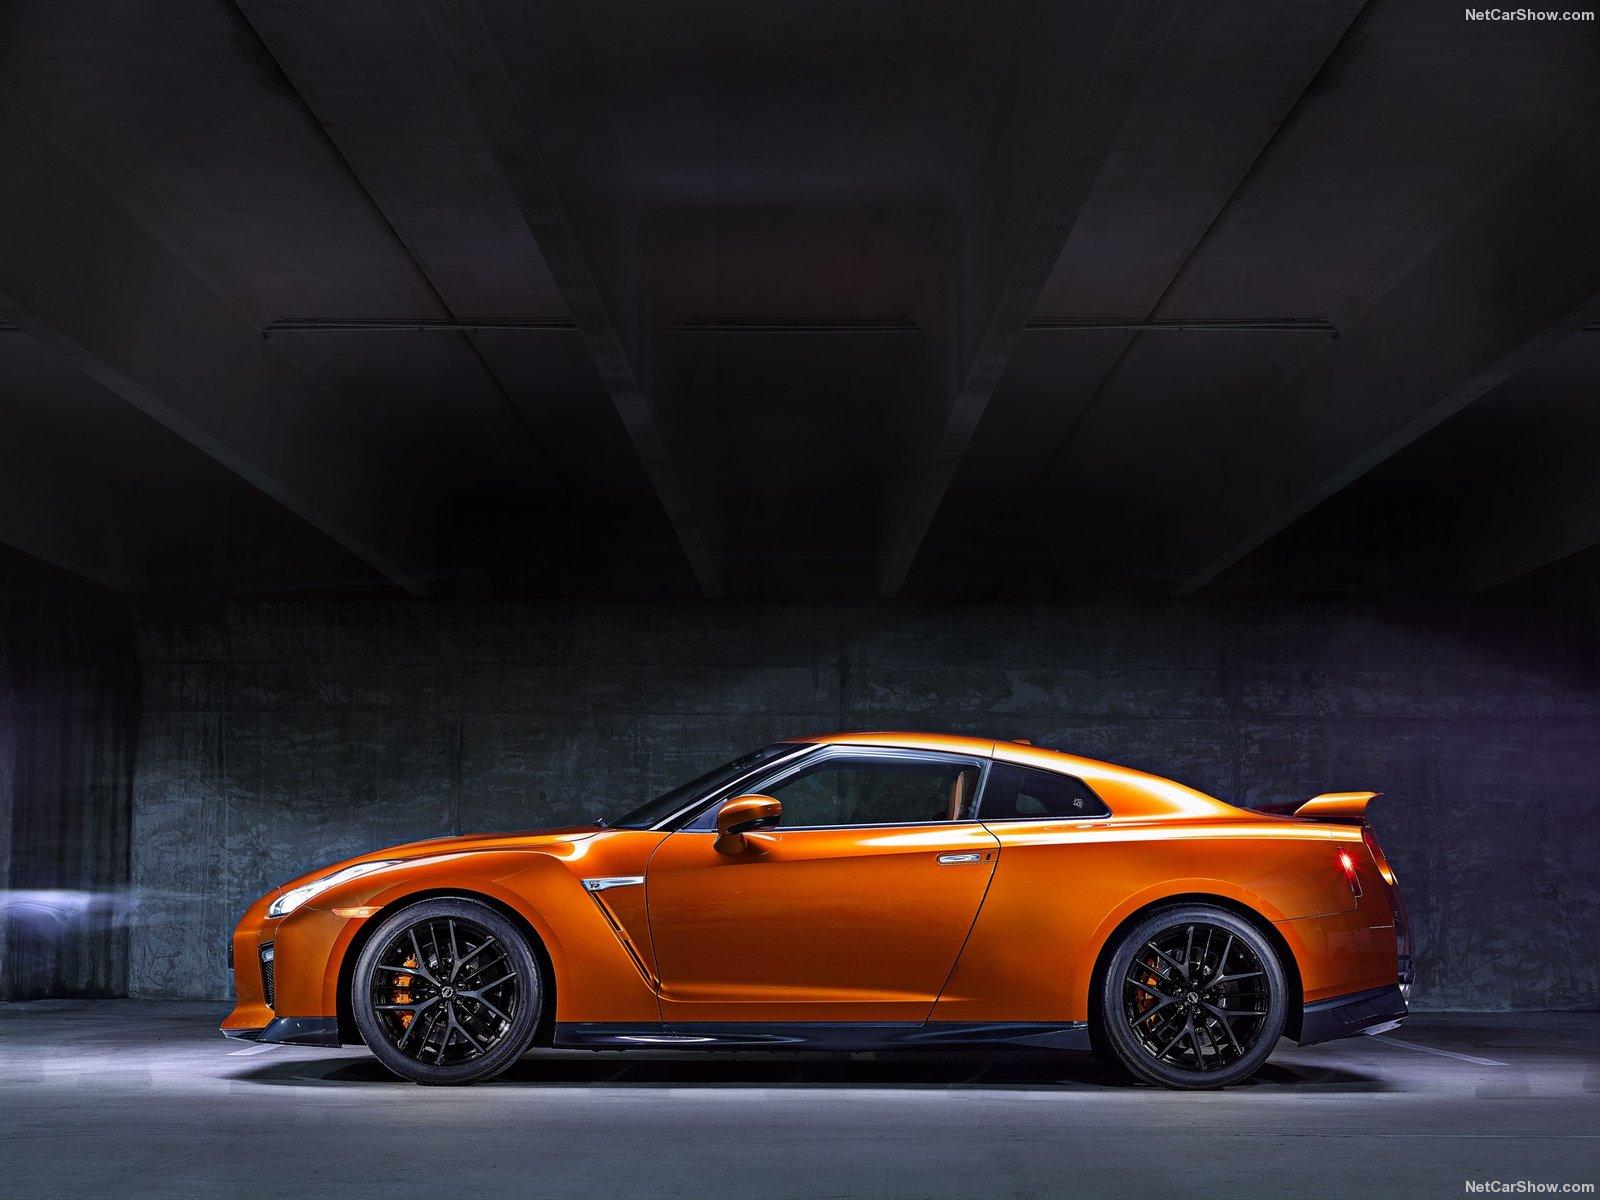 ניסאן GT R 2011 2018 החדשה תמונות